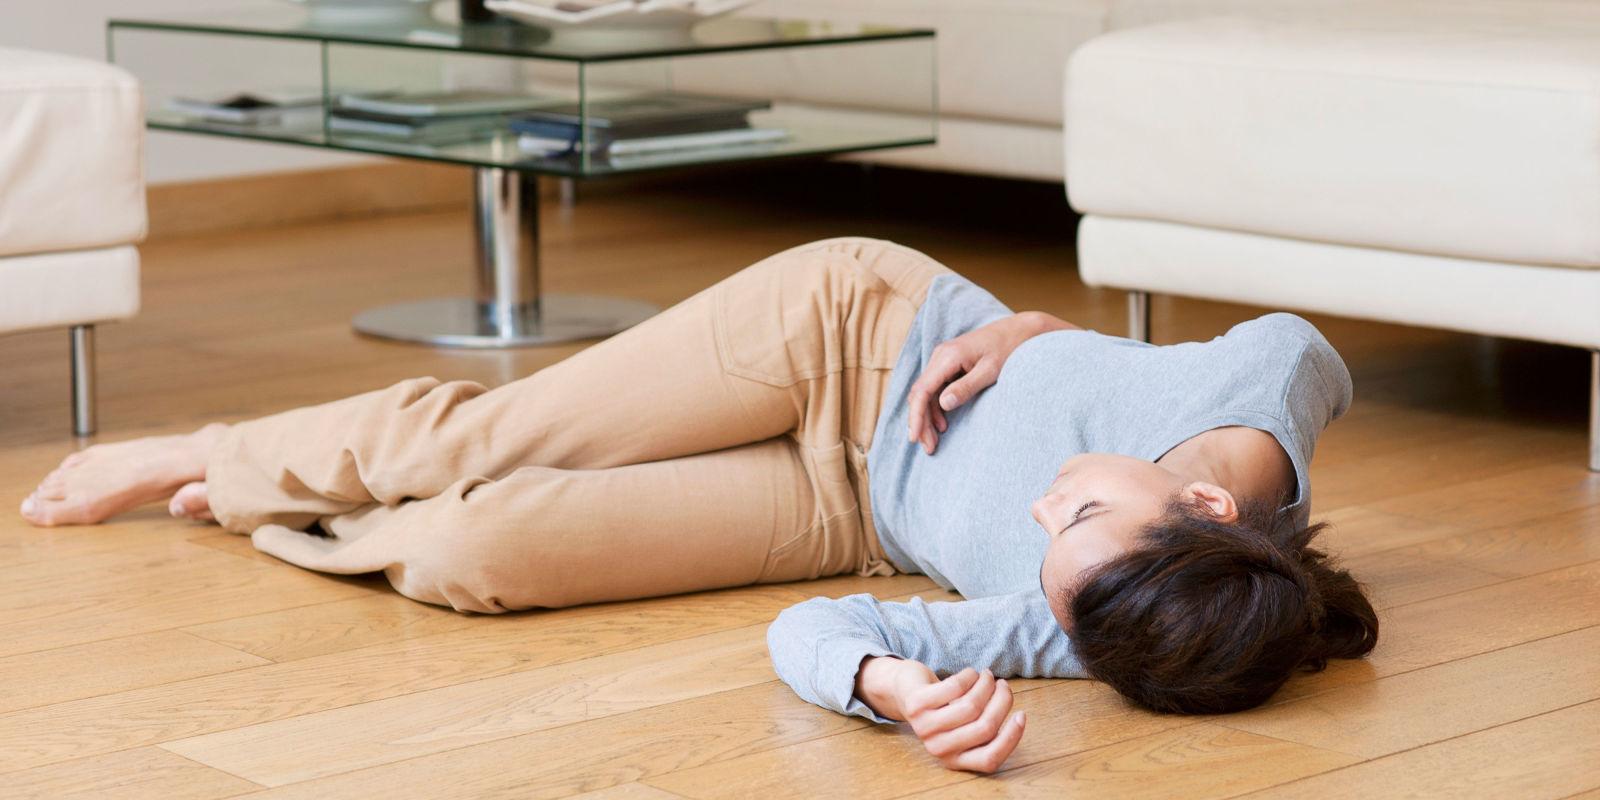 Передозировка Раунатином чревата потерей сознания и комой